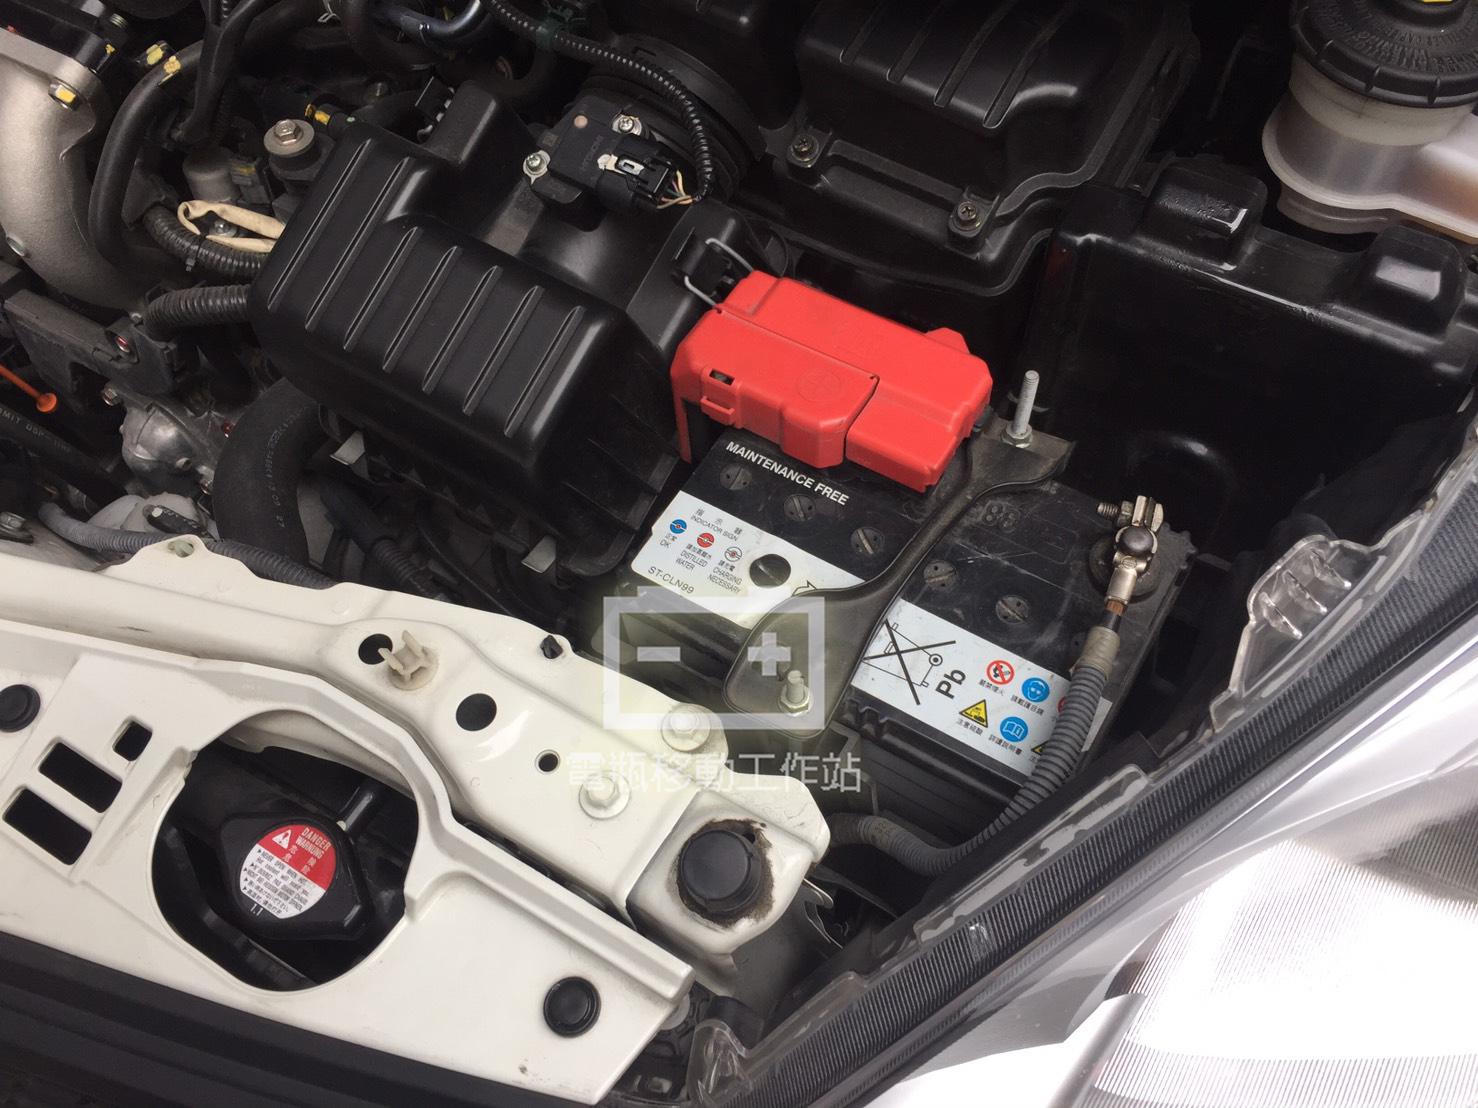 電瓶移動工作站: Honda本田 FIT 1.5 汽油 2014年 臺製YUASA 38B19L 35AH 265A(CCA) 更換 韓製SEBANG世邦 40B19L 35AH 300A(CCA ...